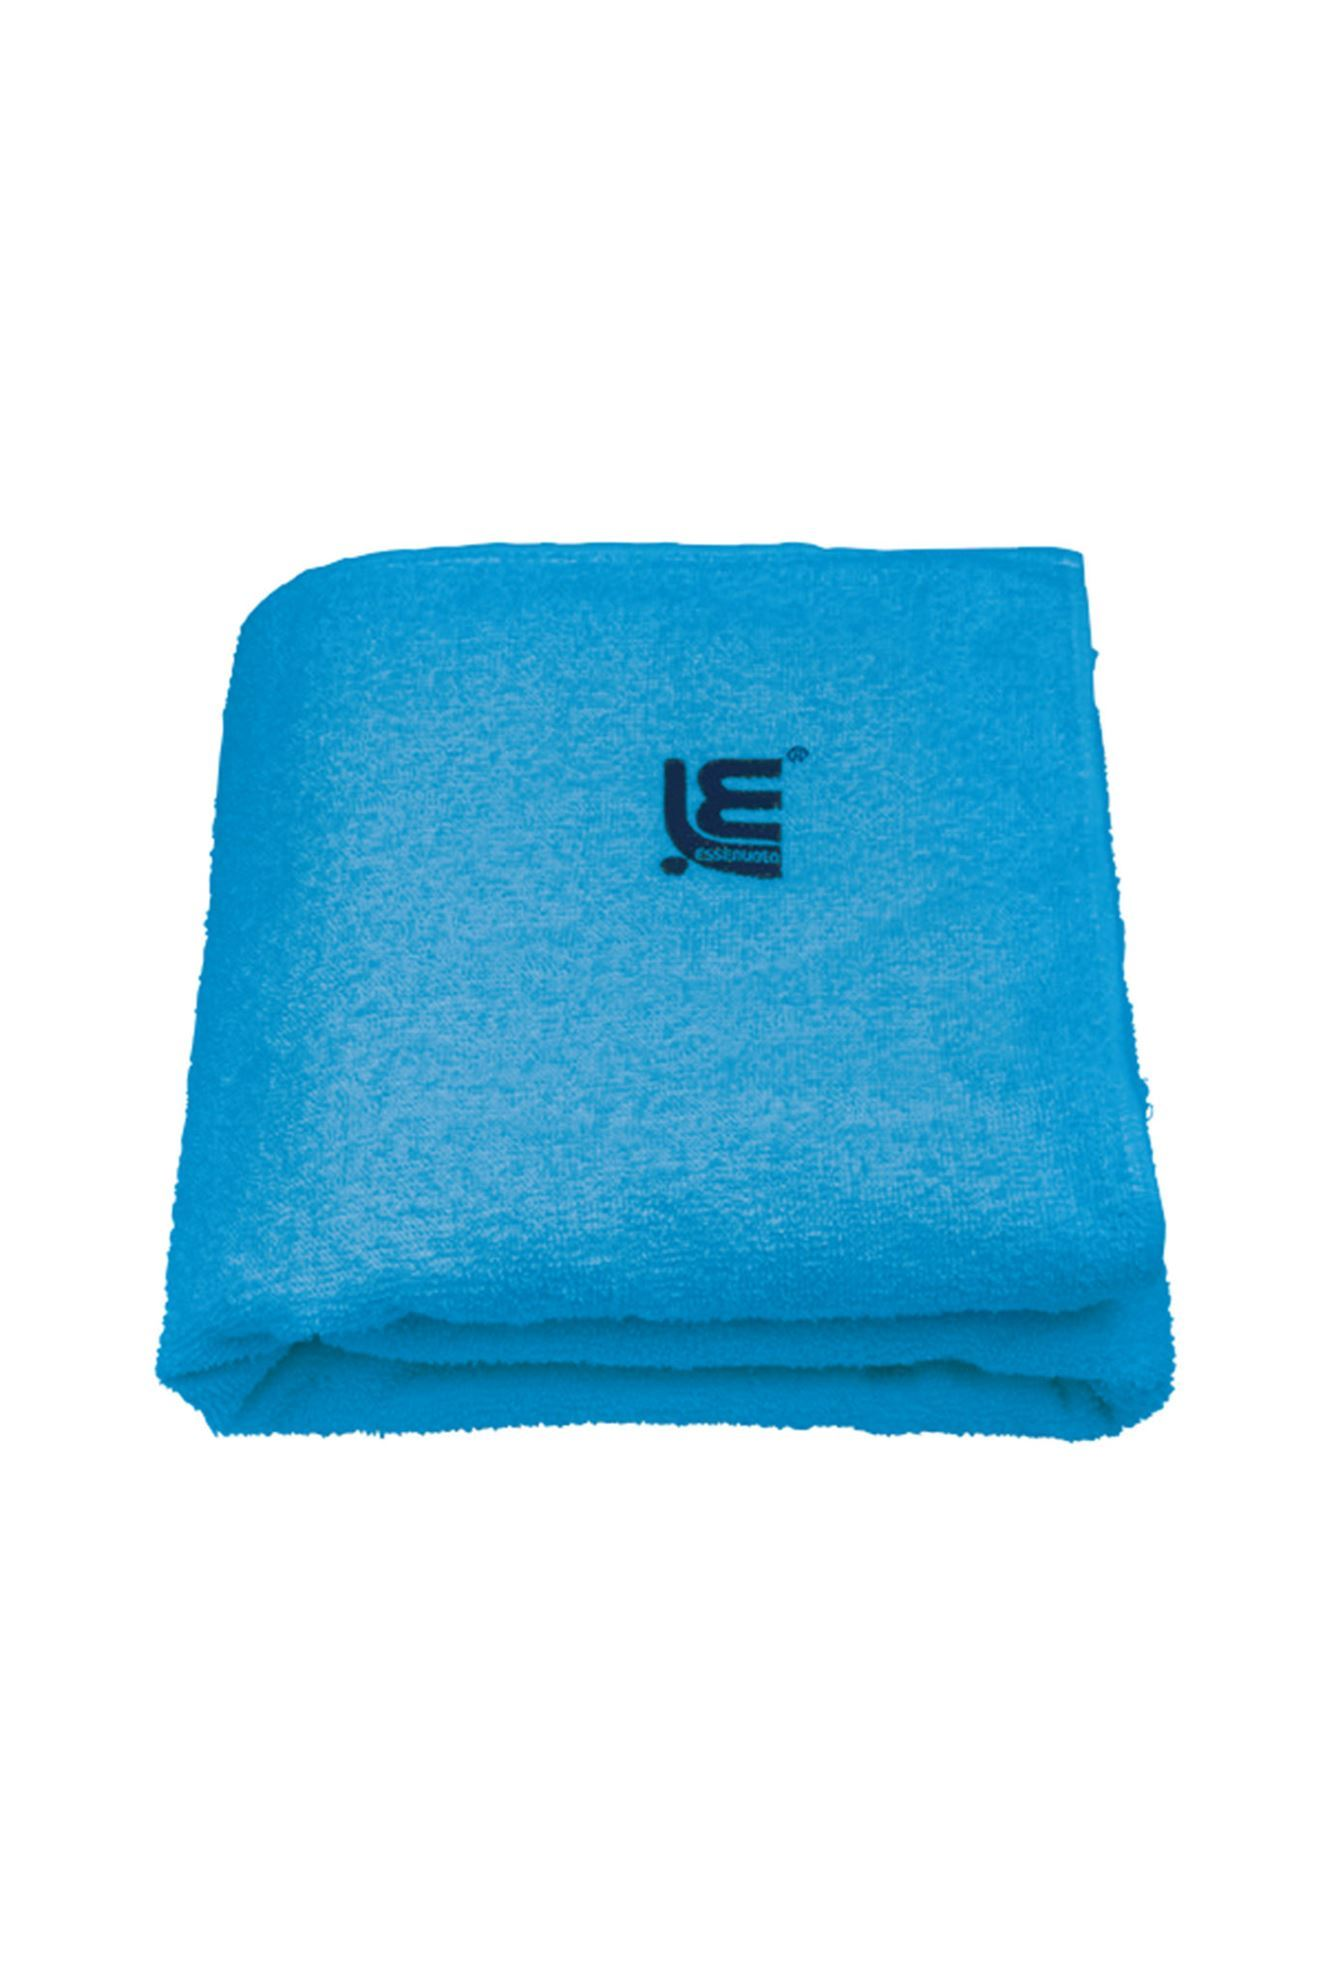 204015 MAXI PLAIN COLOUR TOWEL 80X160 CM